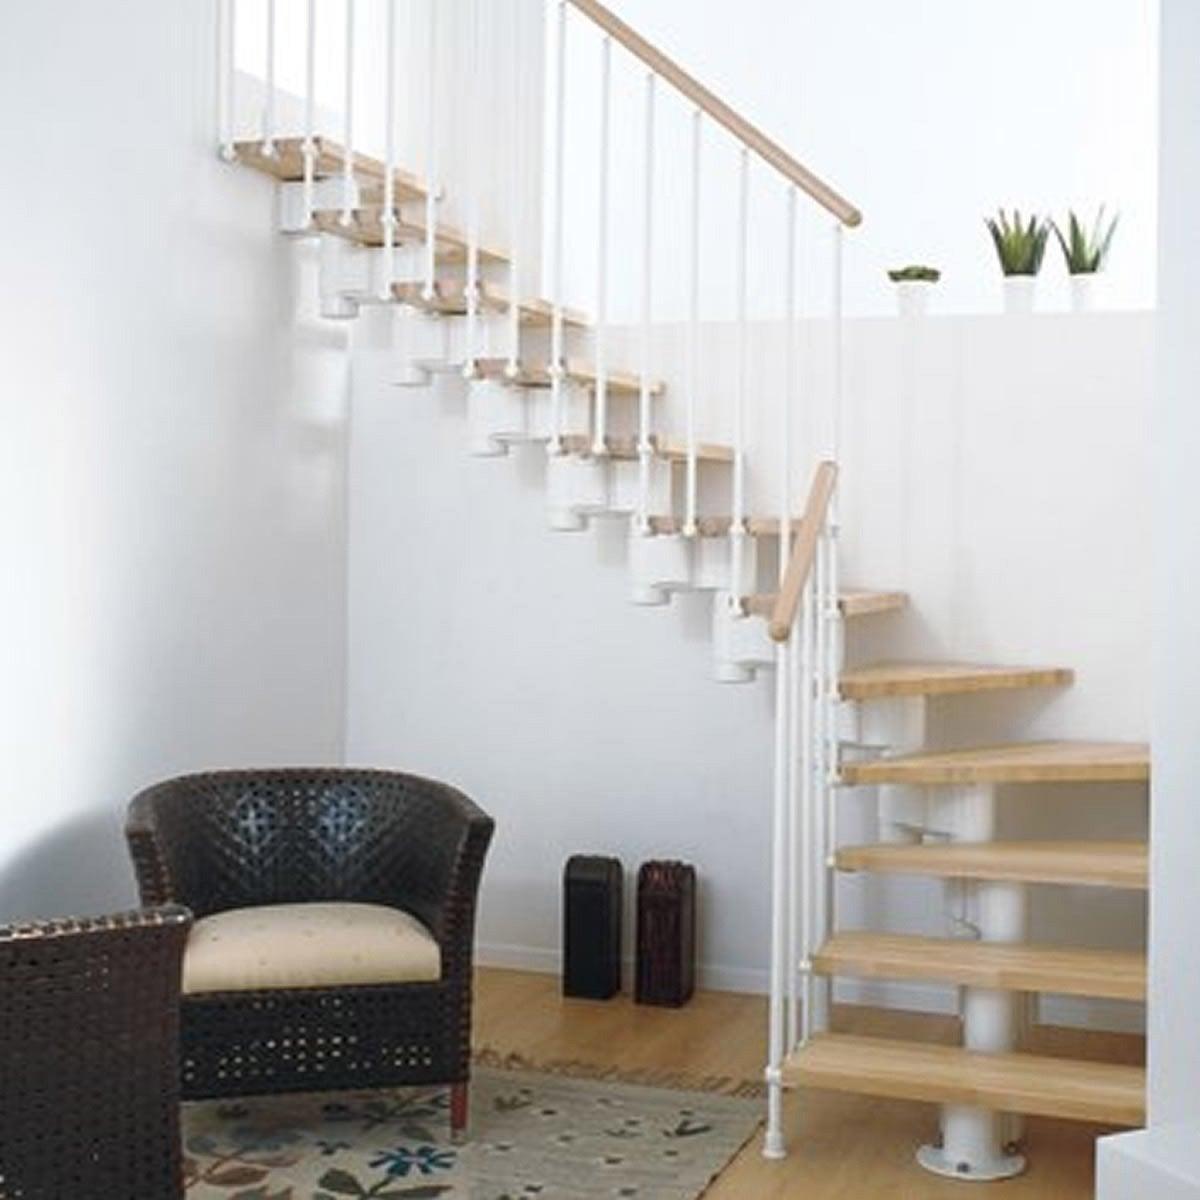 echelle en bois leroy merlin beautiful escalier en bois moderne avec photo echelle pour. Black Bedroom Furniture Sets. Home Design Ideas